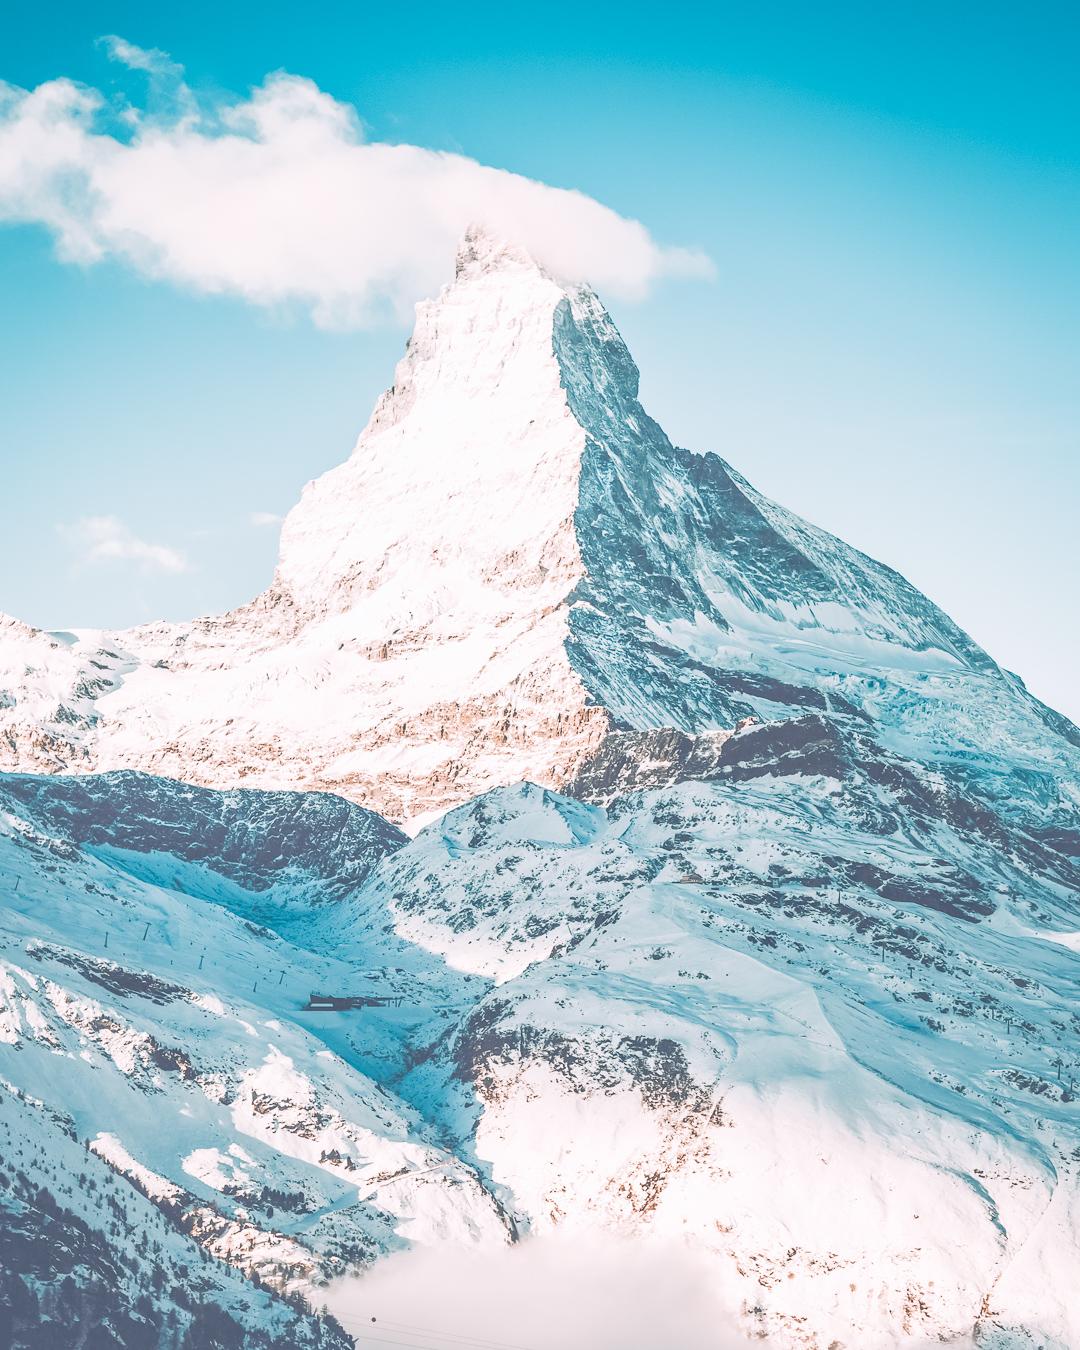 Mountain in Zermatt